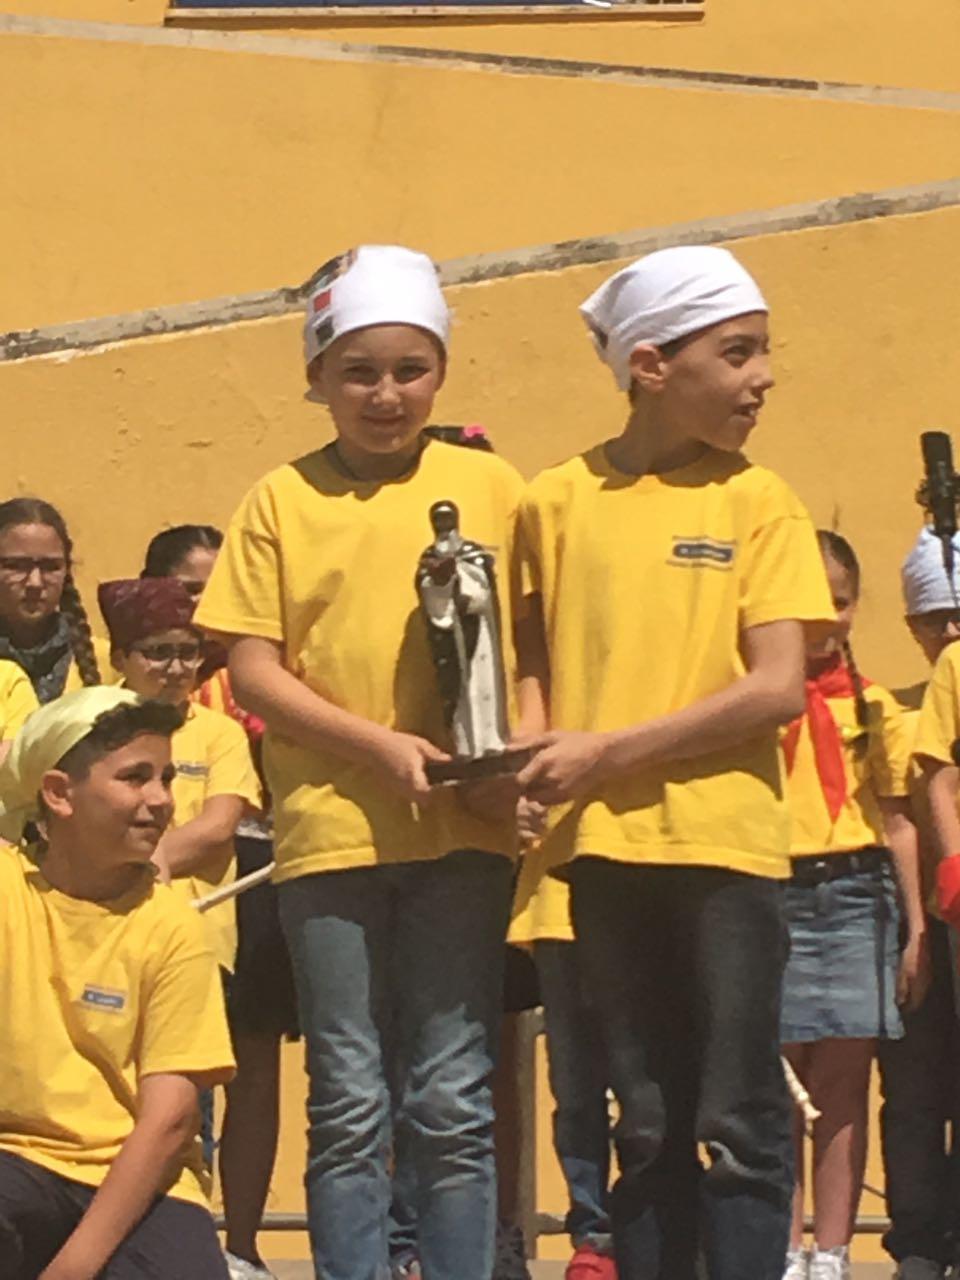 Porto Empedocle: in scena la scuola Livatino nell'ambito del 'Festival degli scrittori'